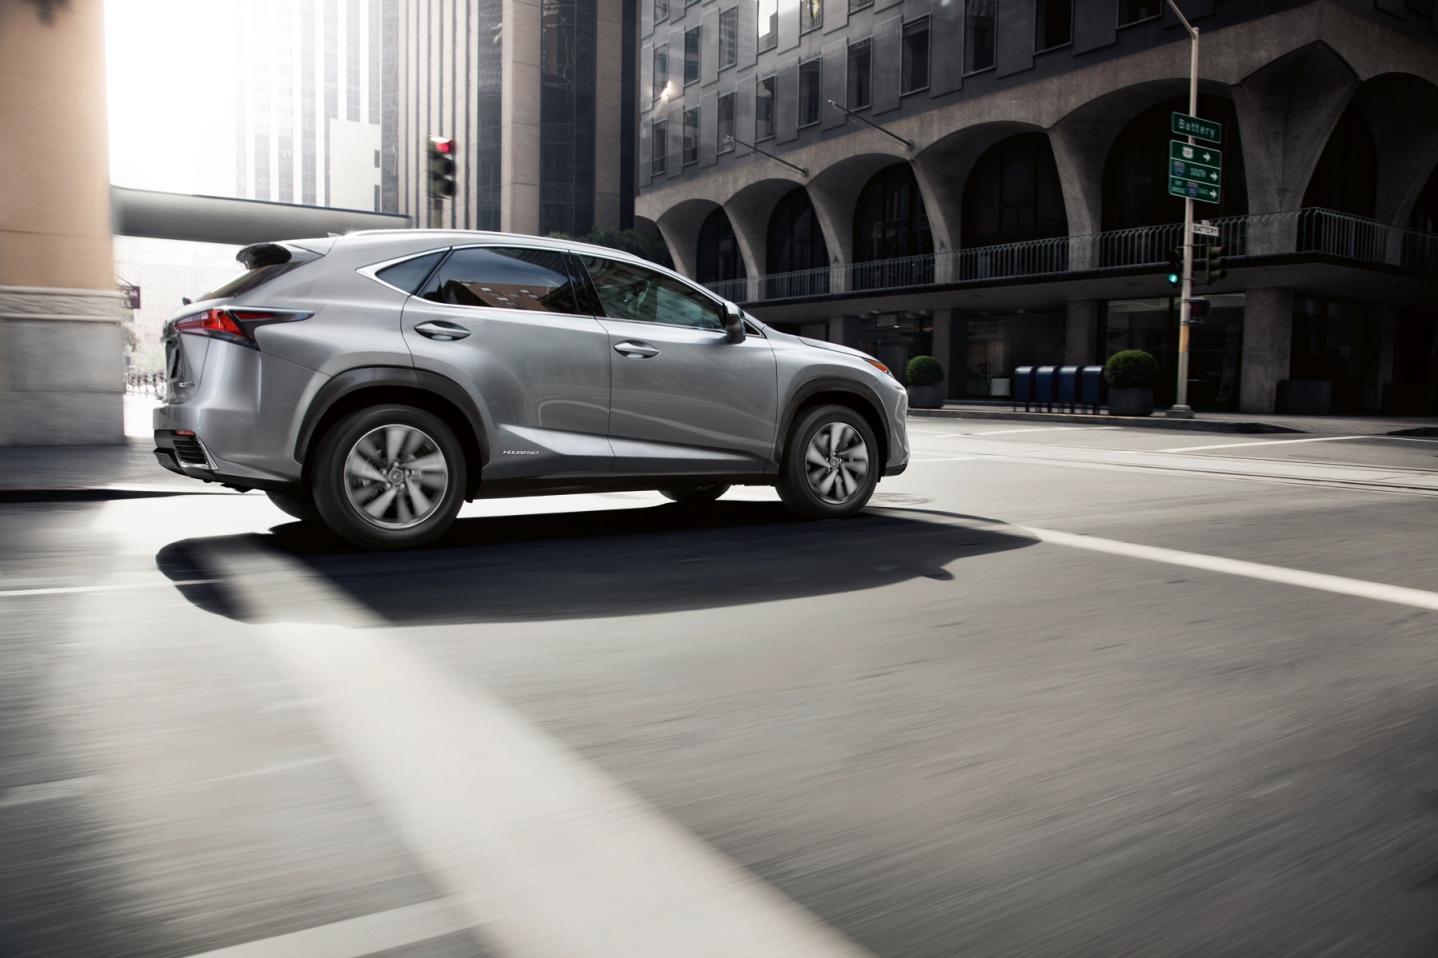 Стенд Lexus будет располагаться в зале 8.0, стенд А20. Пресс-конференция Lexus доступна по запросу в любое время в рамках пресс-дней автосалона, 12 и 13 сентября.